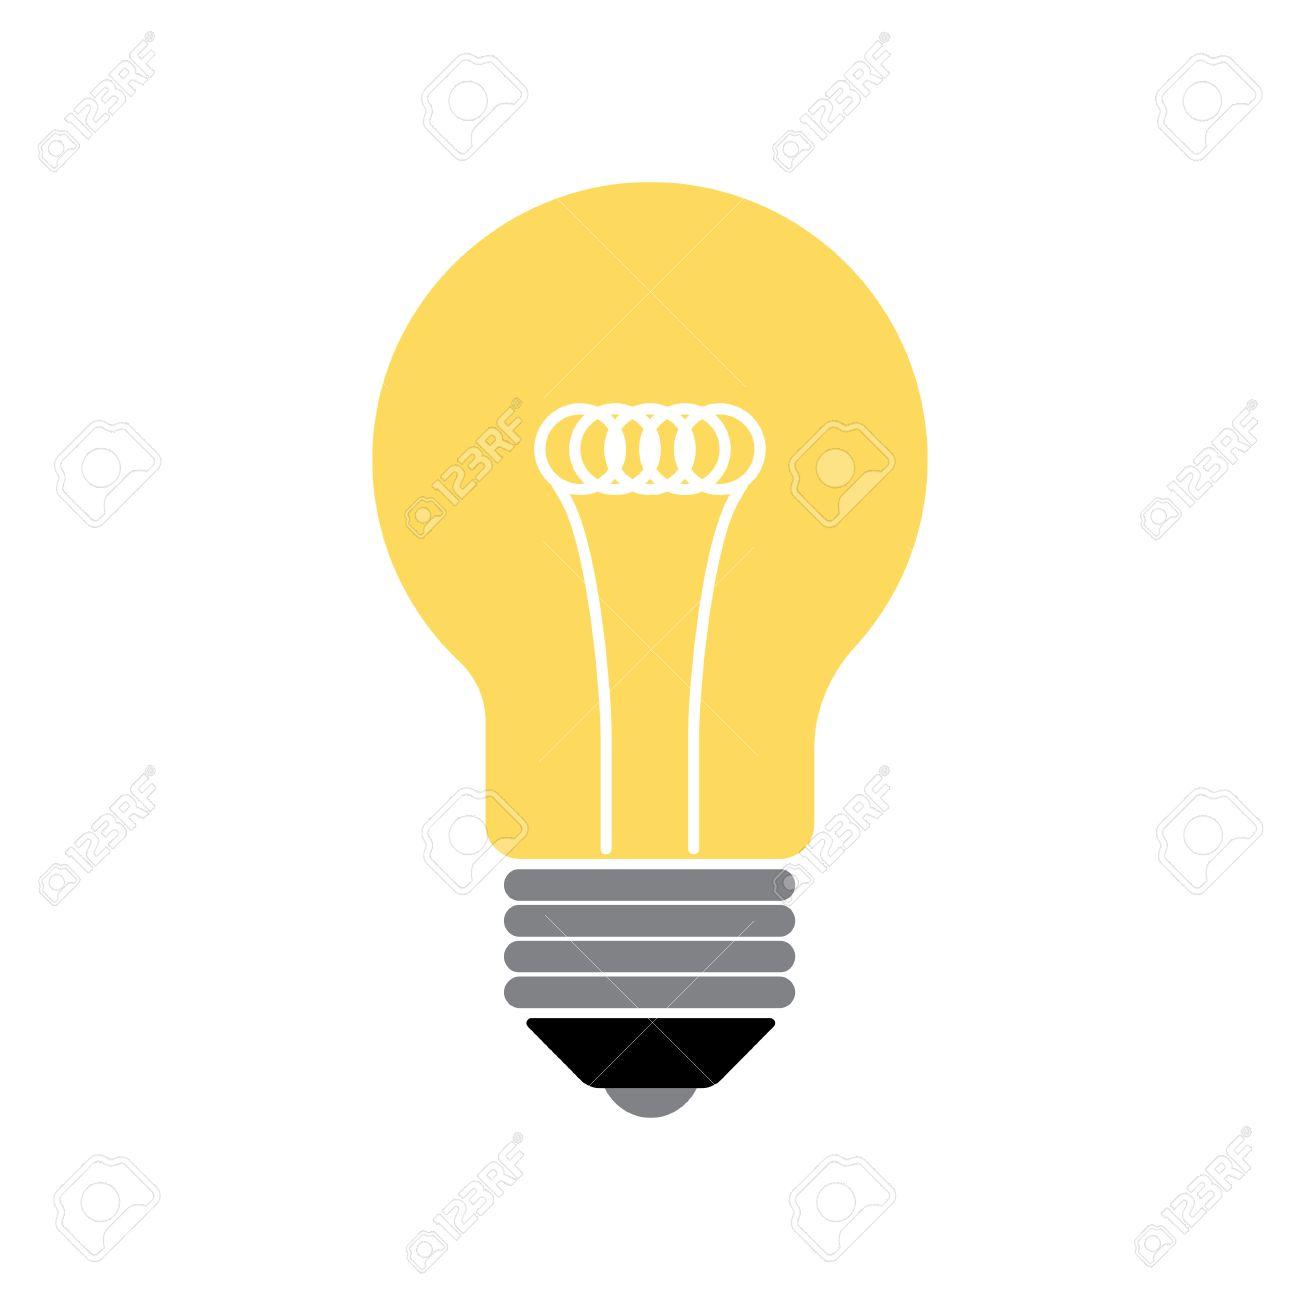 vector flat design lightbulb lightbulb icon lightbulb image rh 123rf com glowing light bulb vector light bulb icon vector